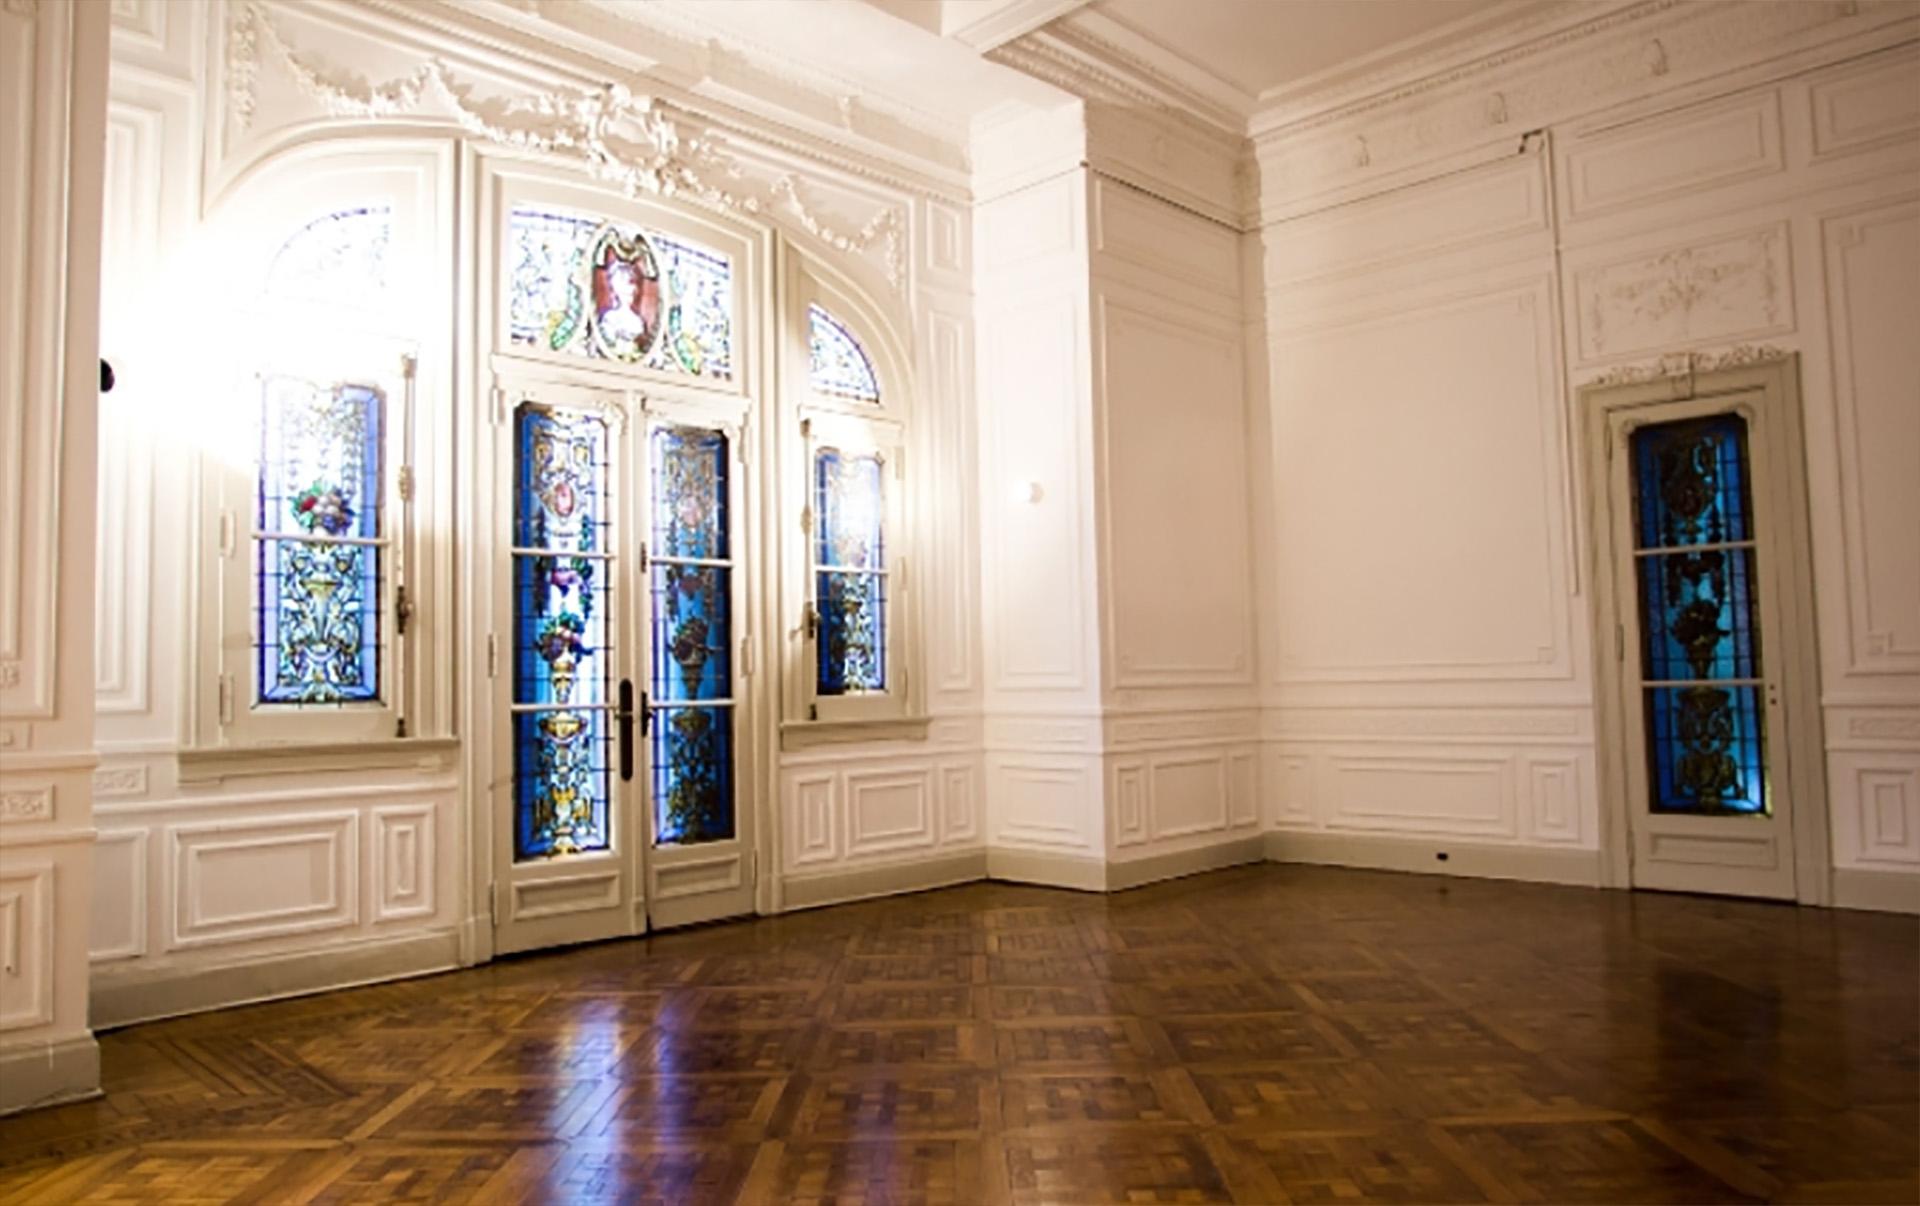 Techos de doble altura, pisos de parquet, y coloridos vitrales pintan de color los espacios de este petit hotel con características de palacio que pertenició a los Piccaluga